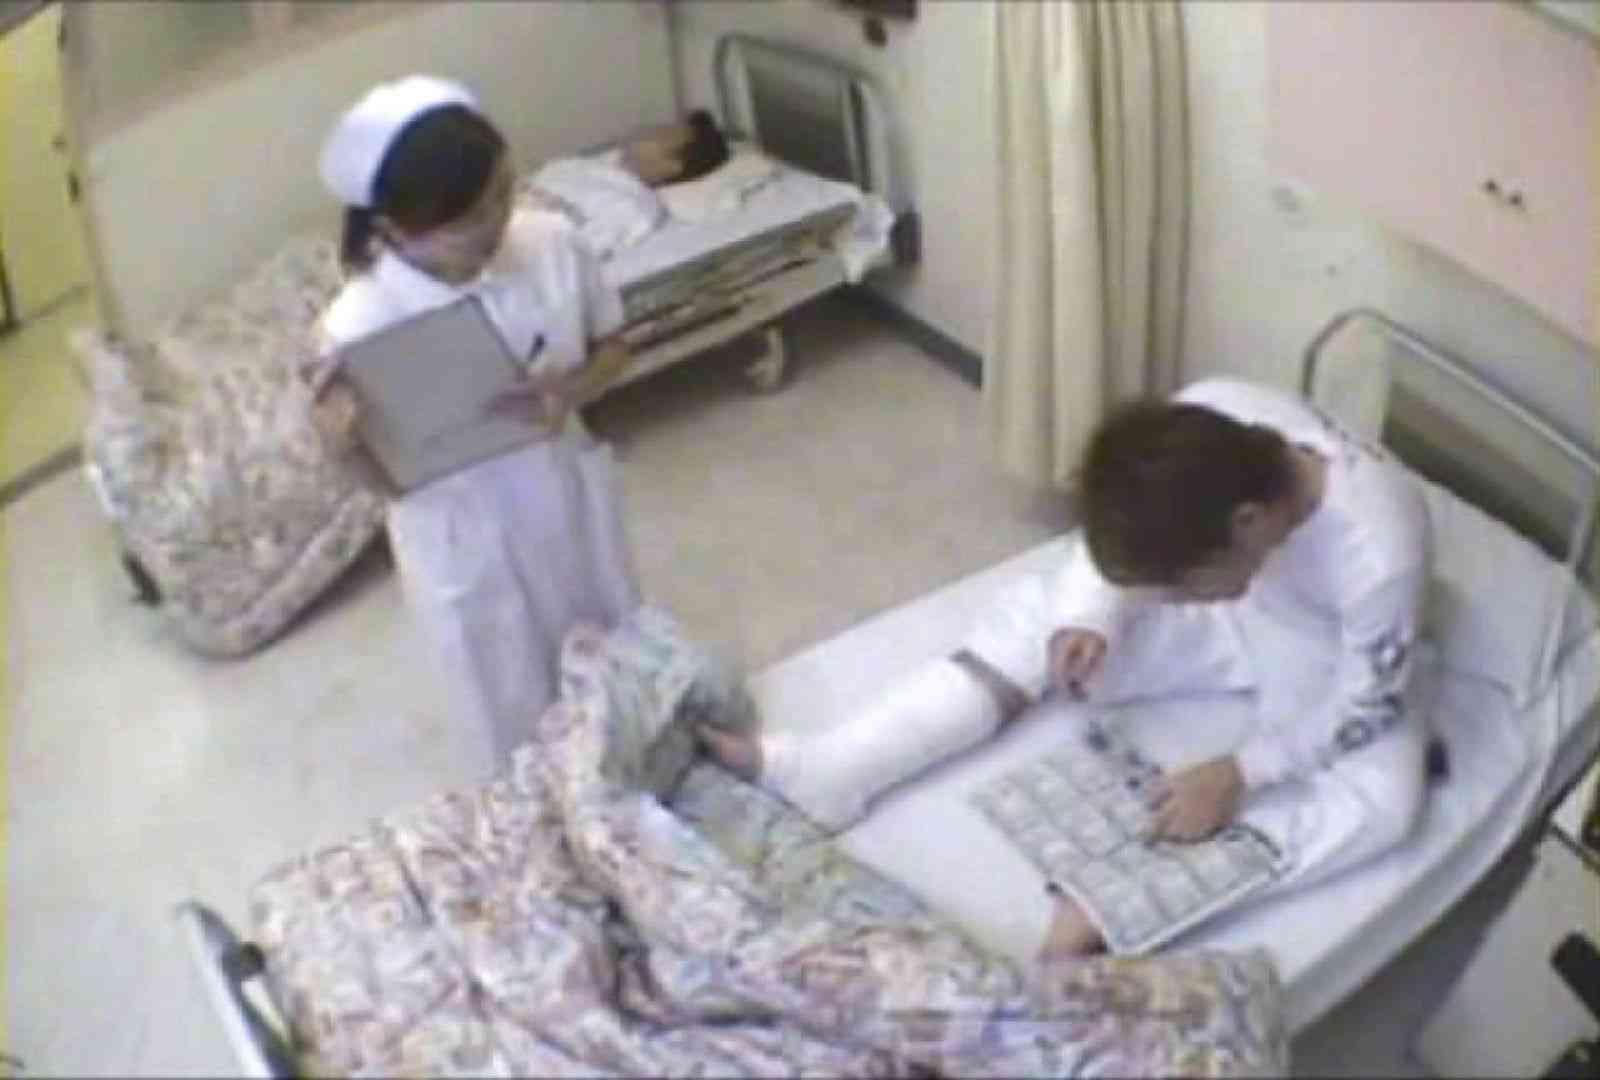 絶対に逝ってはいけない寸止め病棟Vol.6 手マン われめAV動画紹介 99PIX 98